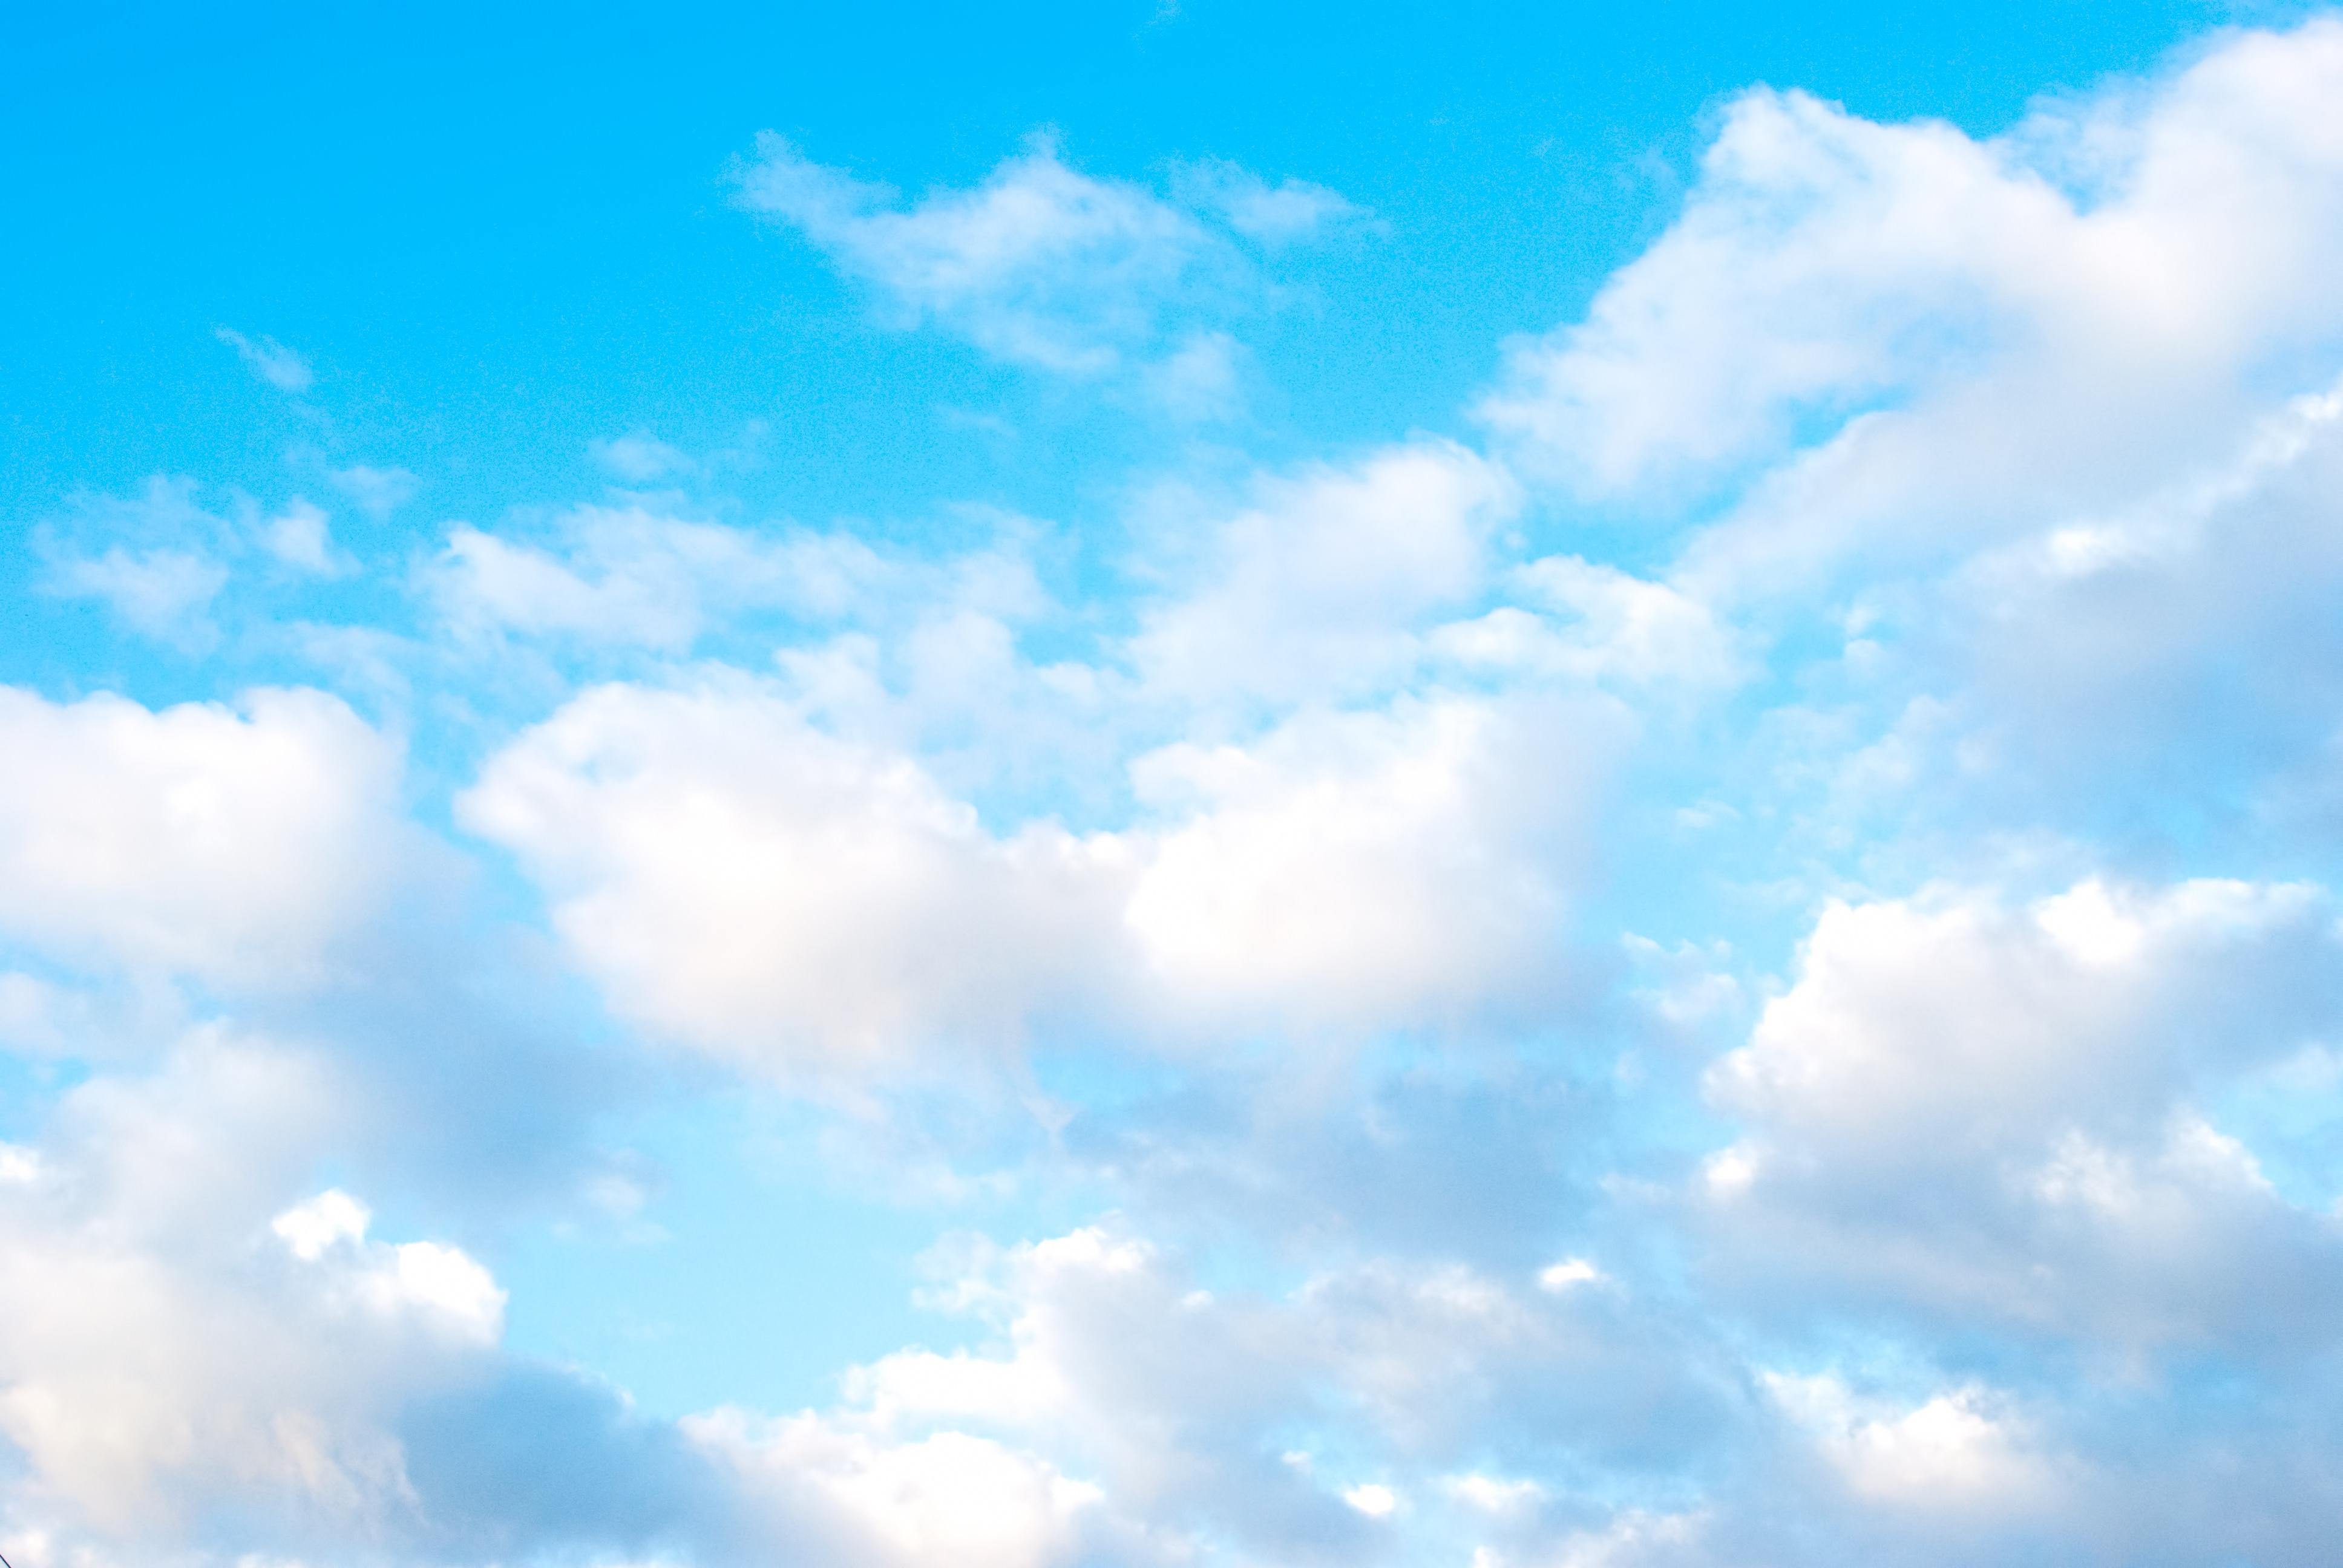 清々しい青空の写真(画像) フリー素材「ぱくたそ」